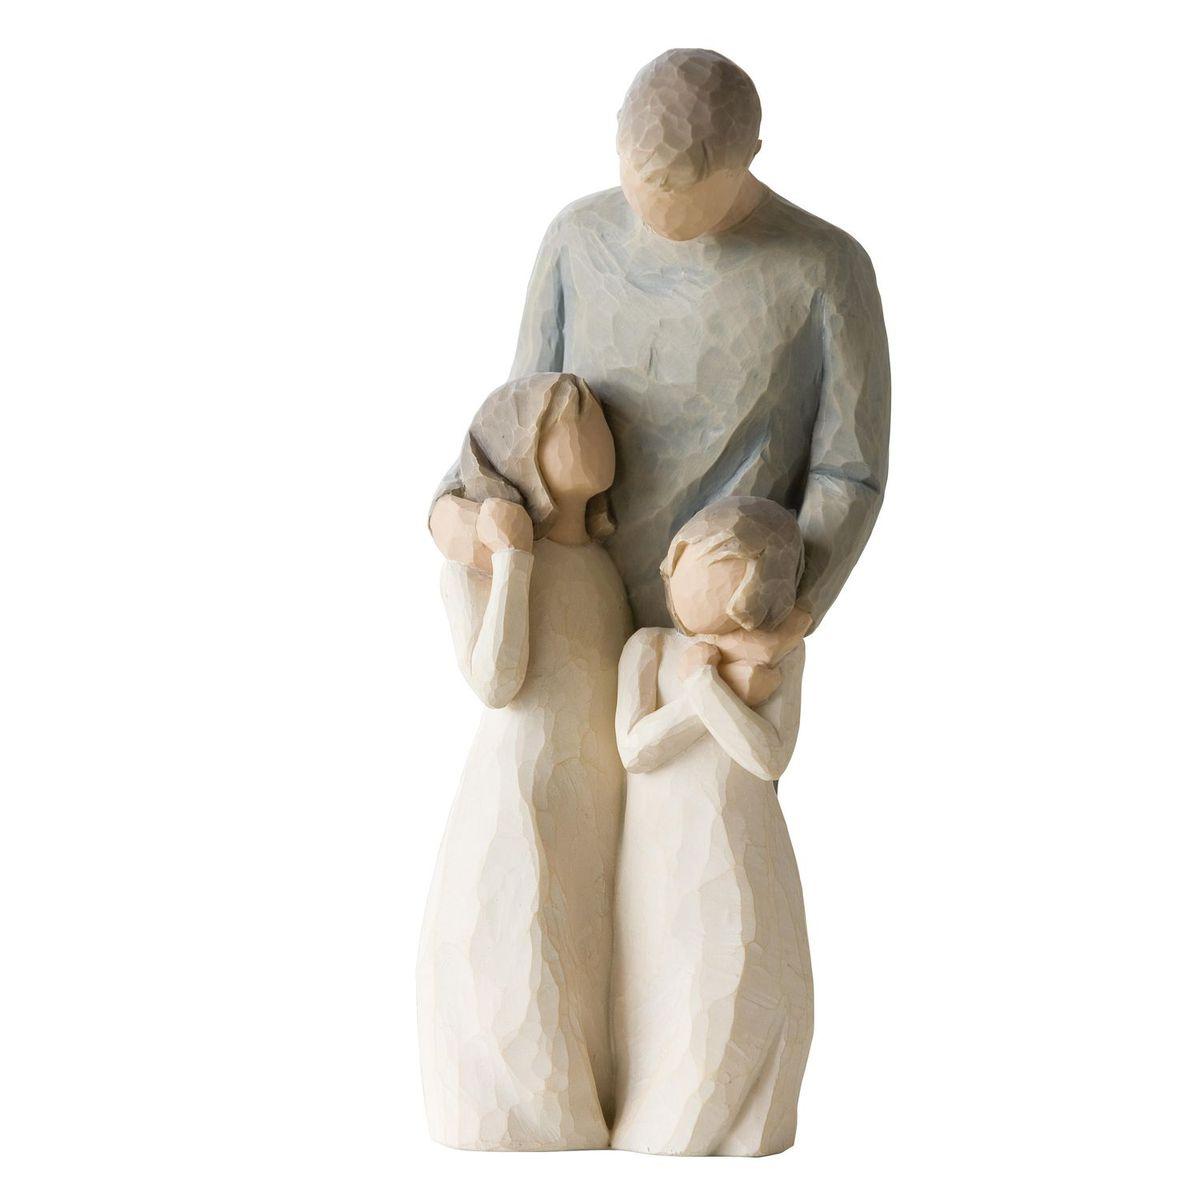 Фигурка декоративная Willow Tree Мои девочки, высота 20,5 см74-0060Декоративная фигурка Willow Tree создана канадским скульптором Сьюзан Лорди. Фигурка выполнена из искусственного камня (49% карбонат кальция мелкозернистой разновидности, 51% искусственный камень).Фигурка Willow Tree – это настоящее произведение искусства, образная скульптура в миниатюре, изображающая эмоции и чувства, которые помогают чувствовать себя ближе к другим, верить в мечту, выражать любовь.Фигурка помещена в красивую упаковку.Купить такой оригинальный подарок, значит не только украсить интерьер помещения или жилой комнаты, но выразить свое глубокое отношение к любимому человеку. Этот прекрасный сувенир будет лучшим подарком на день ангела, именины, день рождения, юбилей.